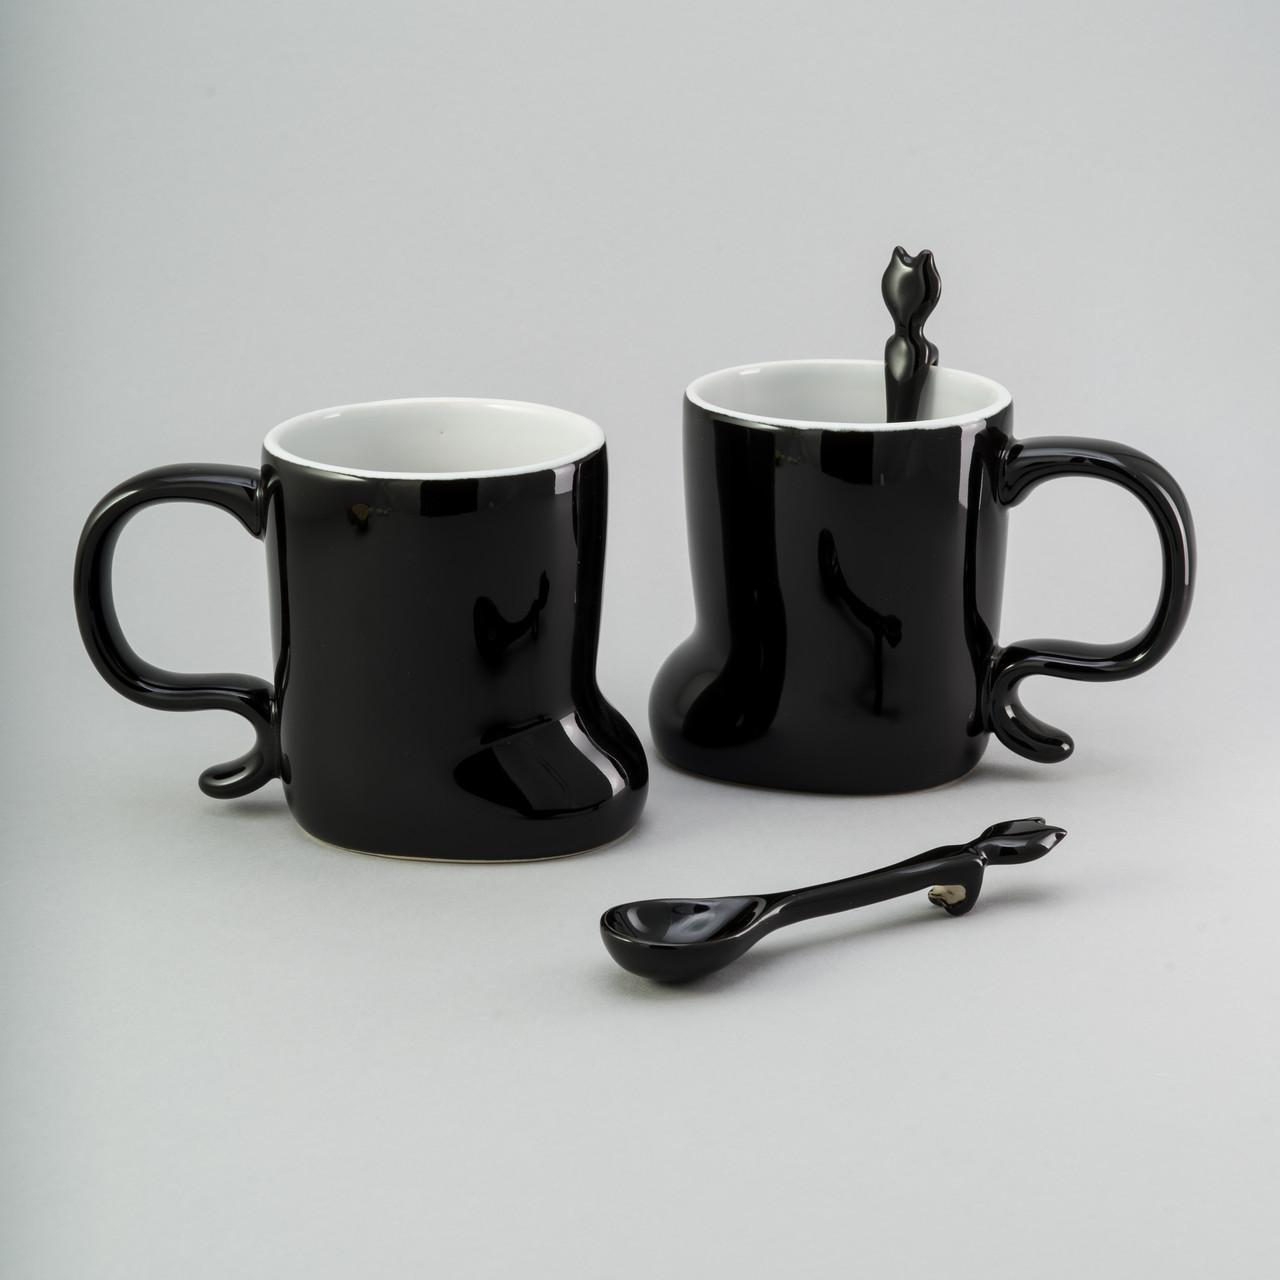 Набор чашек с ложкой 2 ед, 300 мл черные керамические чашки комплект